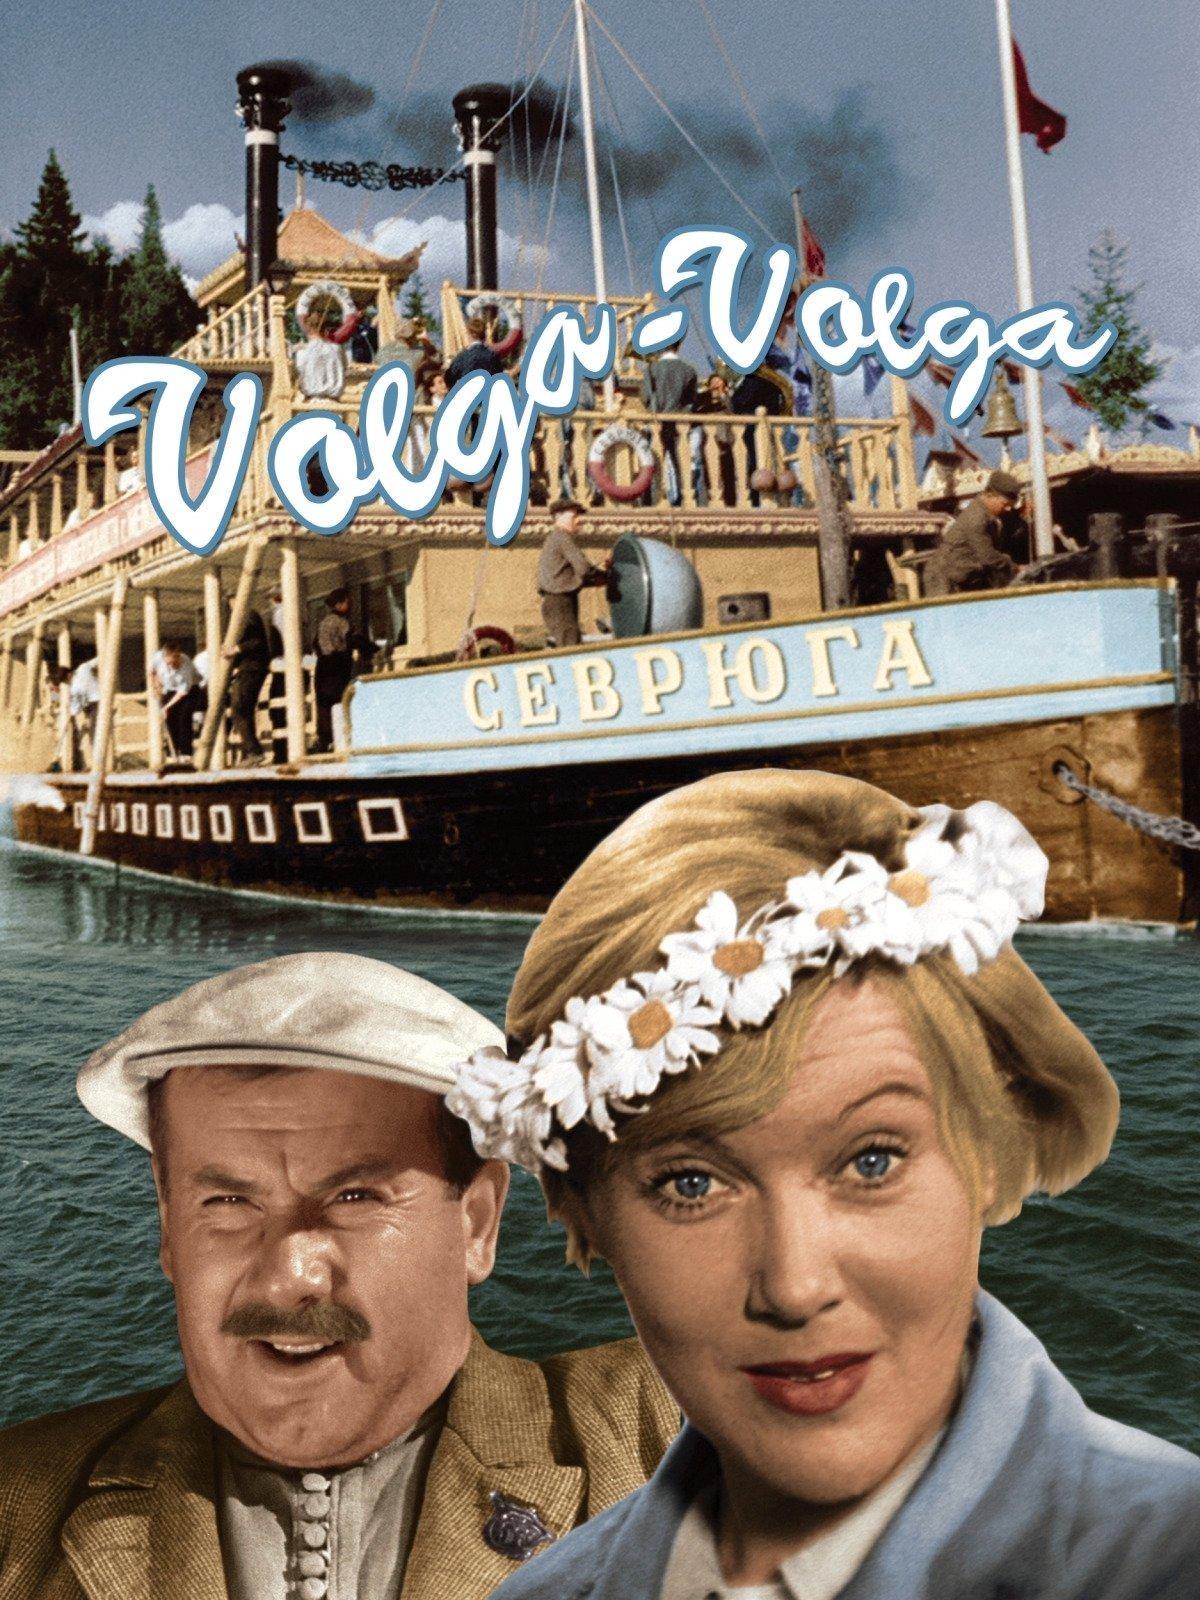 Volga-Volga